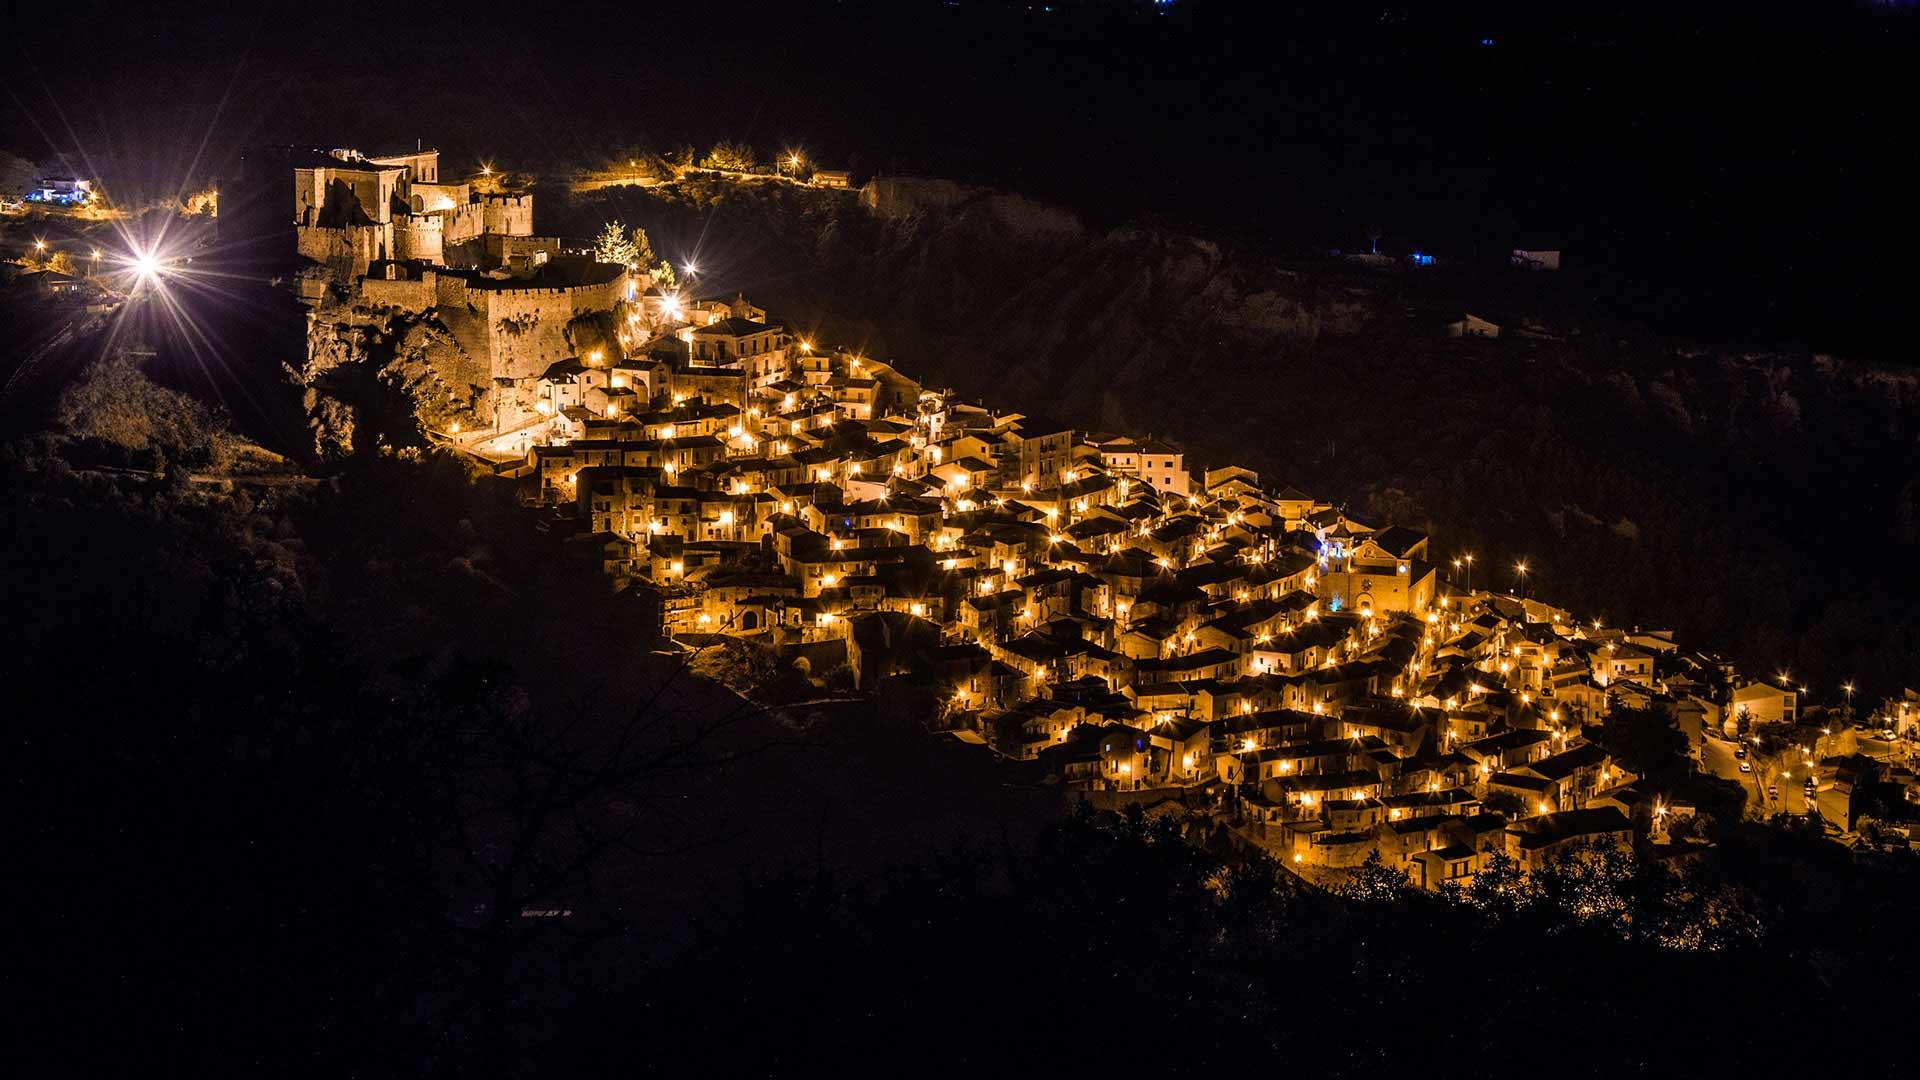 Castello Svevo di Rocca Imperiale - vista panoramica notturna del centro storico